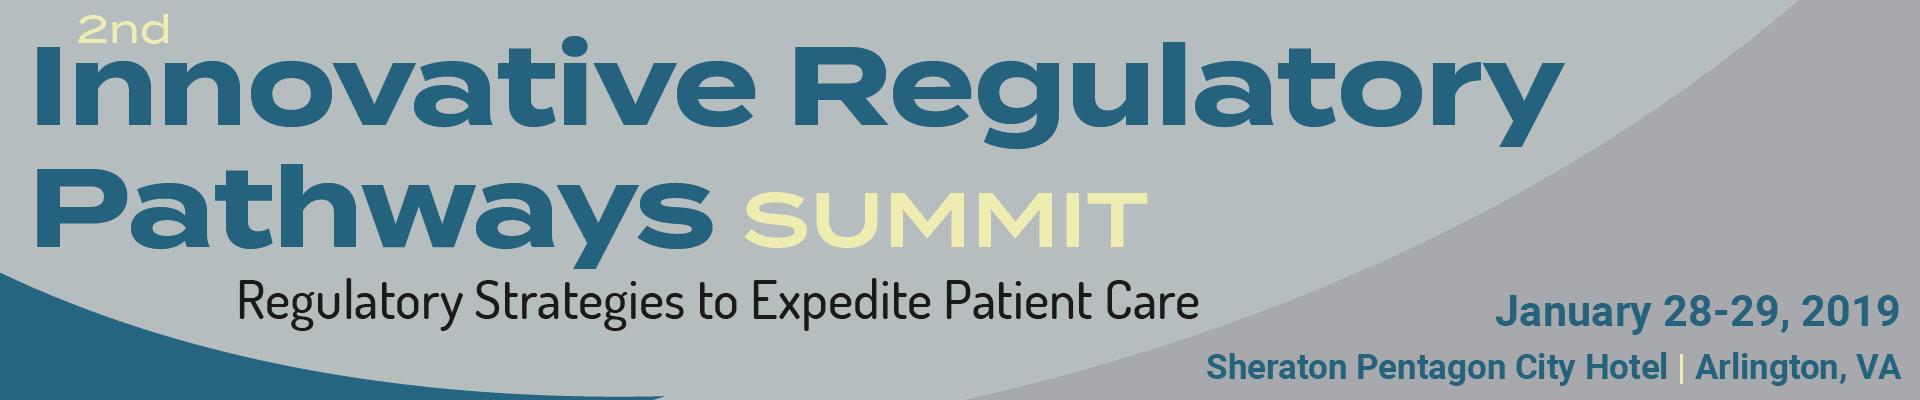 2nd Innovative Regulatory Pathways Summit